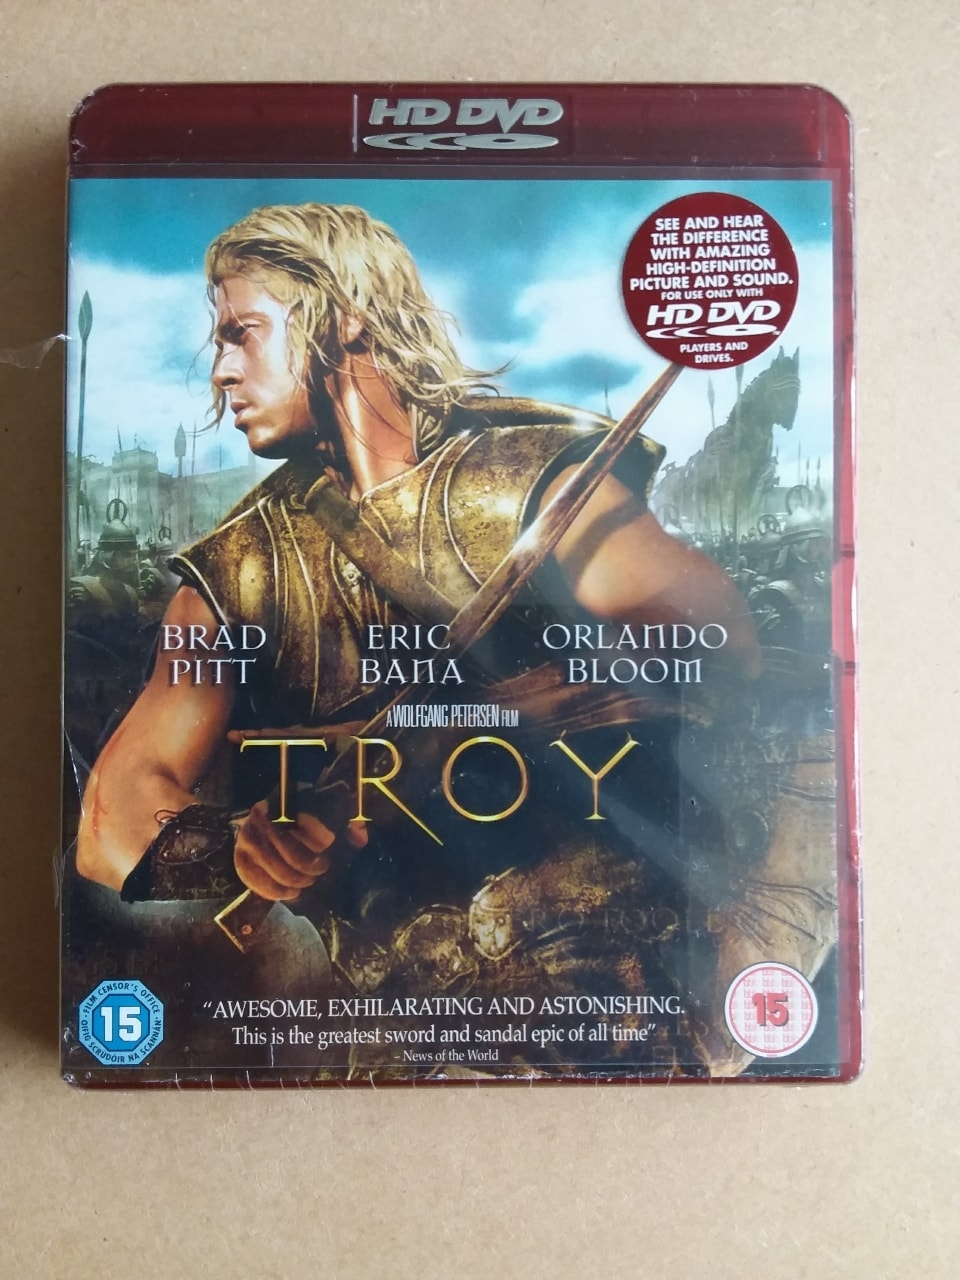 NEW HD DVD